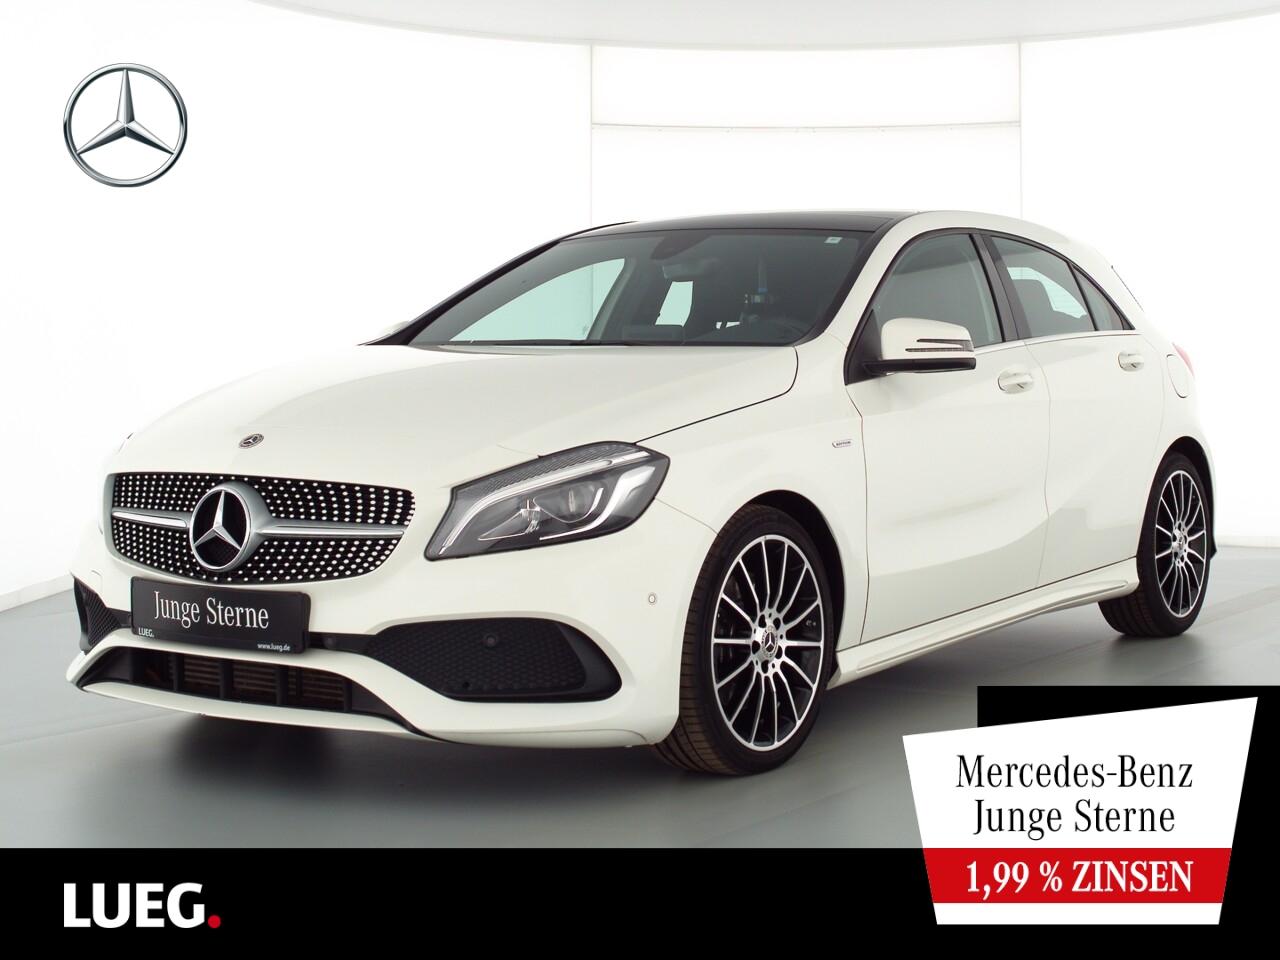 Mercedes-Benz A 220 d AMG+Navi+Pano+LED-HP+PEAK+Totw+ParkPilot, Jahr 2018, Diesel